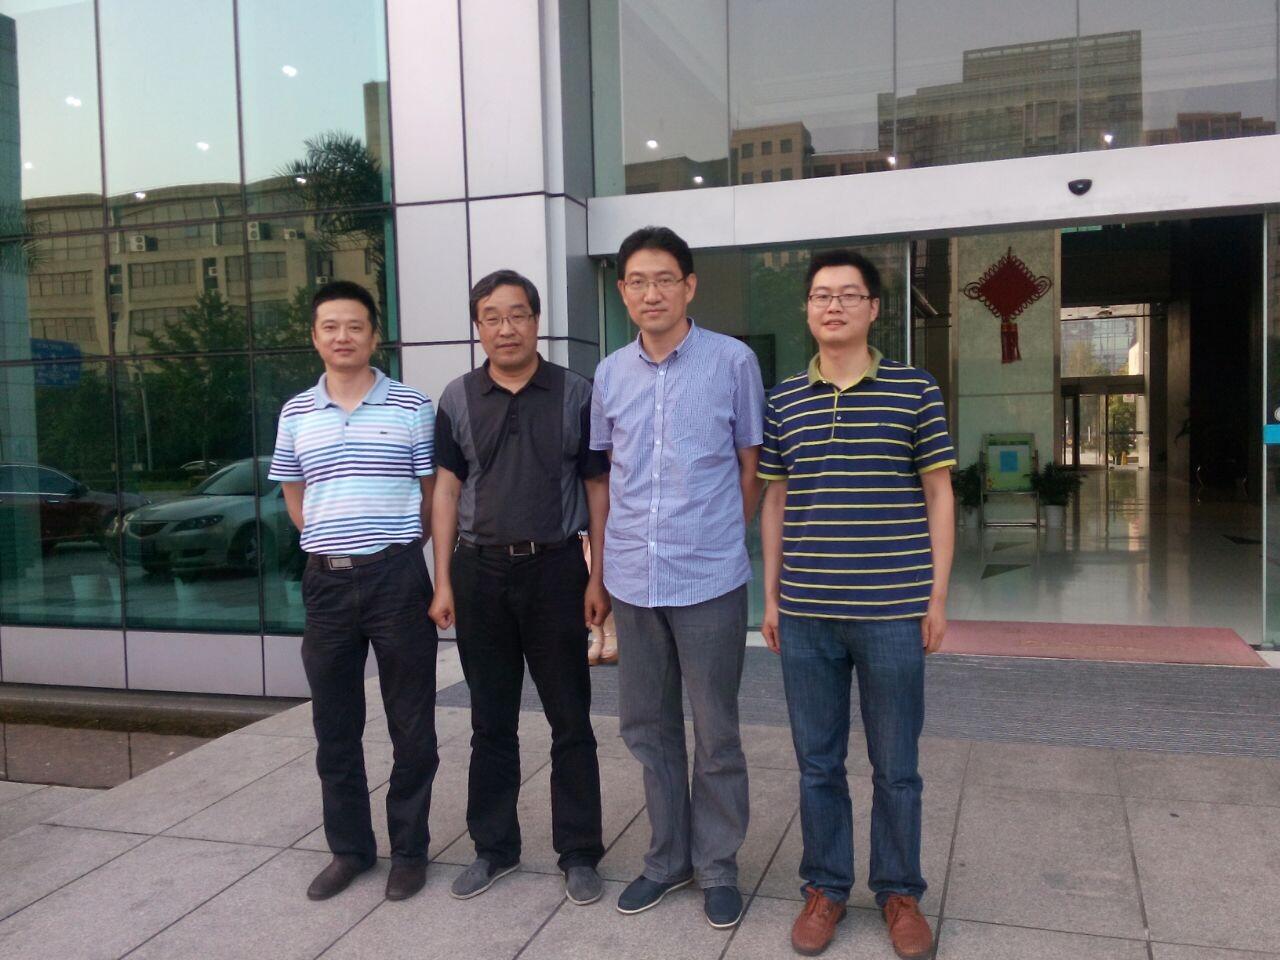 宁波大学成教学院领导视察鄞州教学点